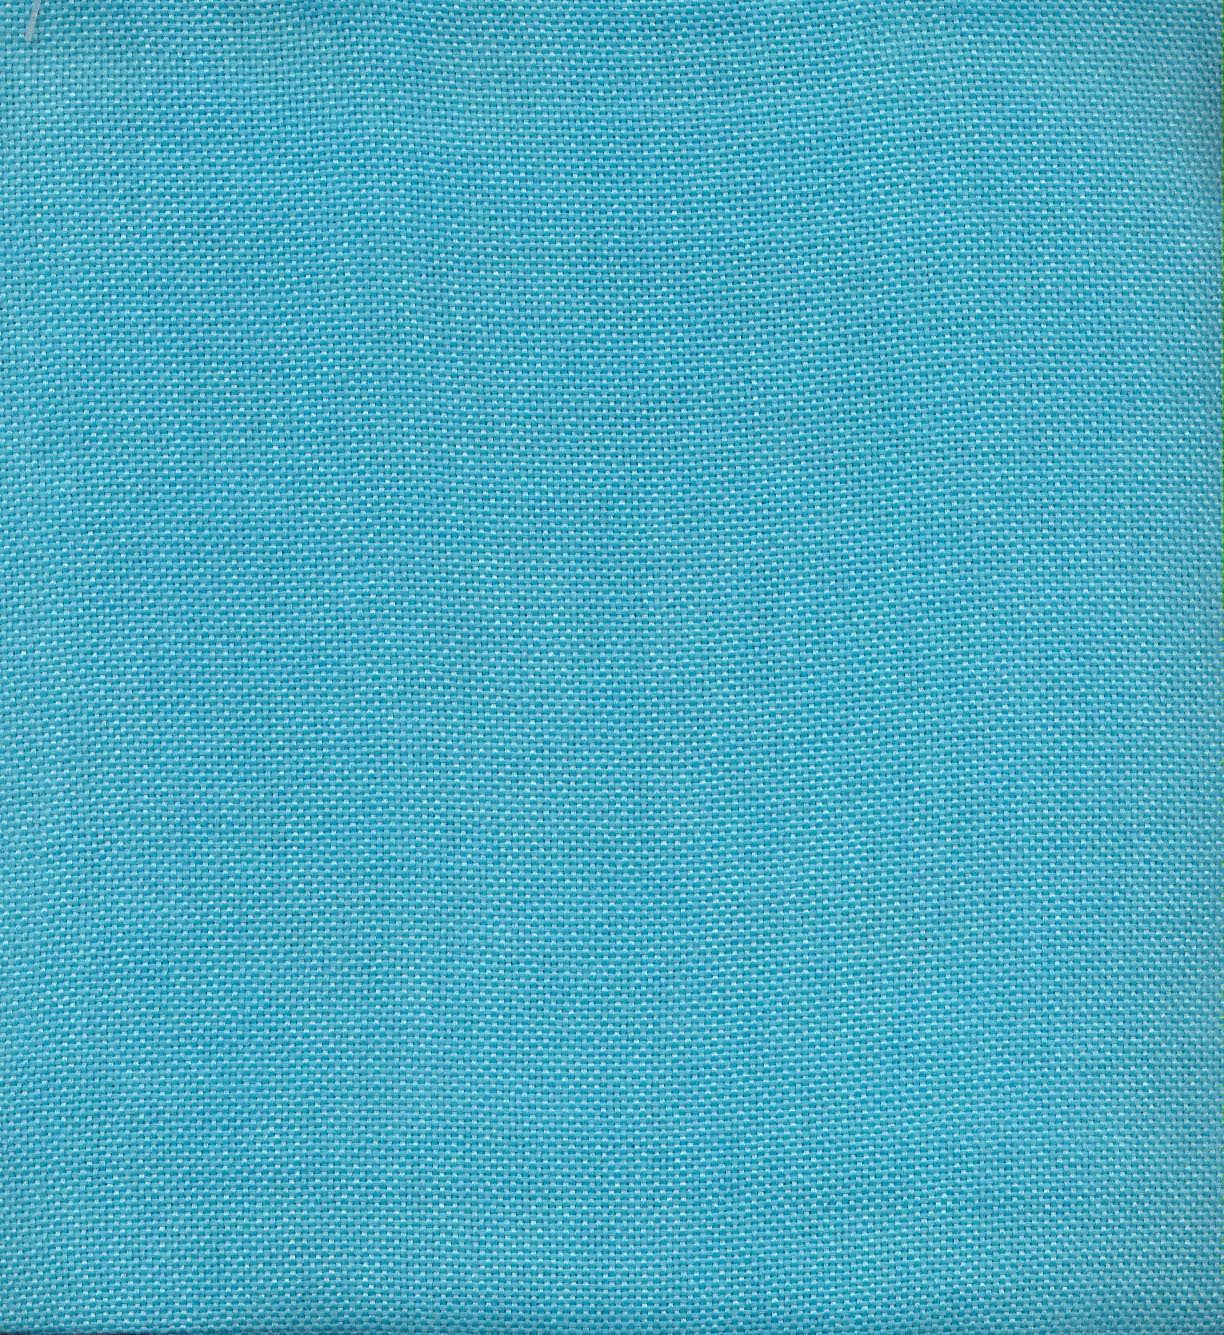 کیف پارچه ای کوچک (کد 118)،(طرح فولکس)